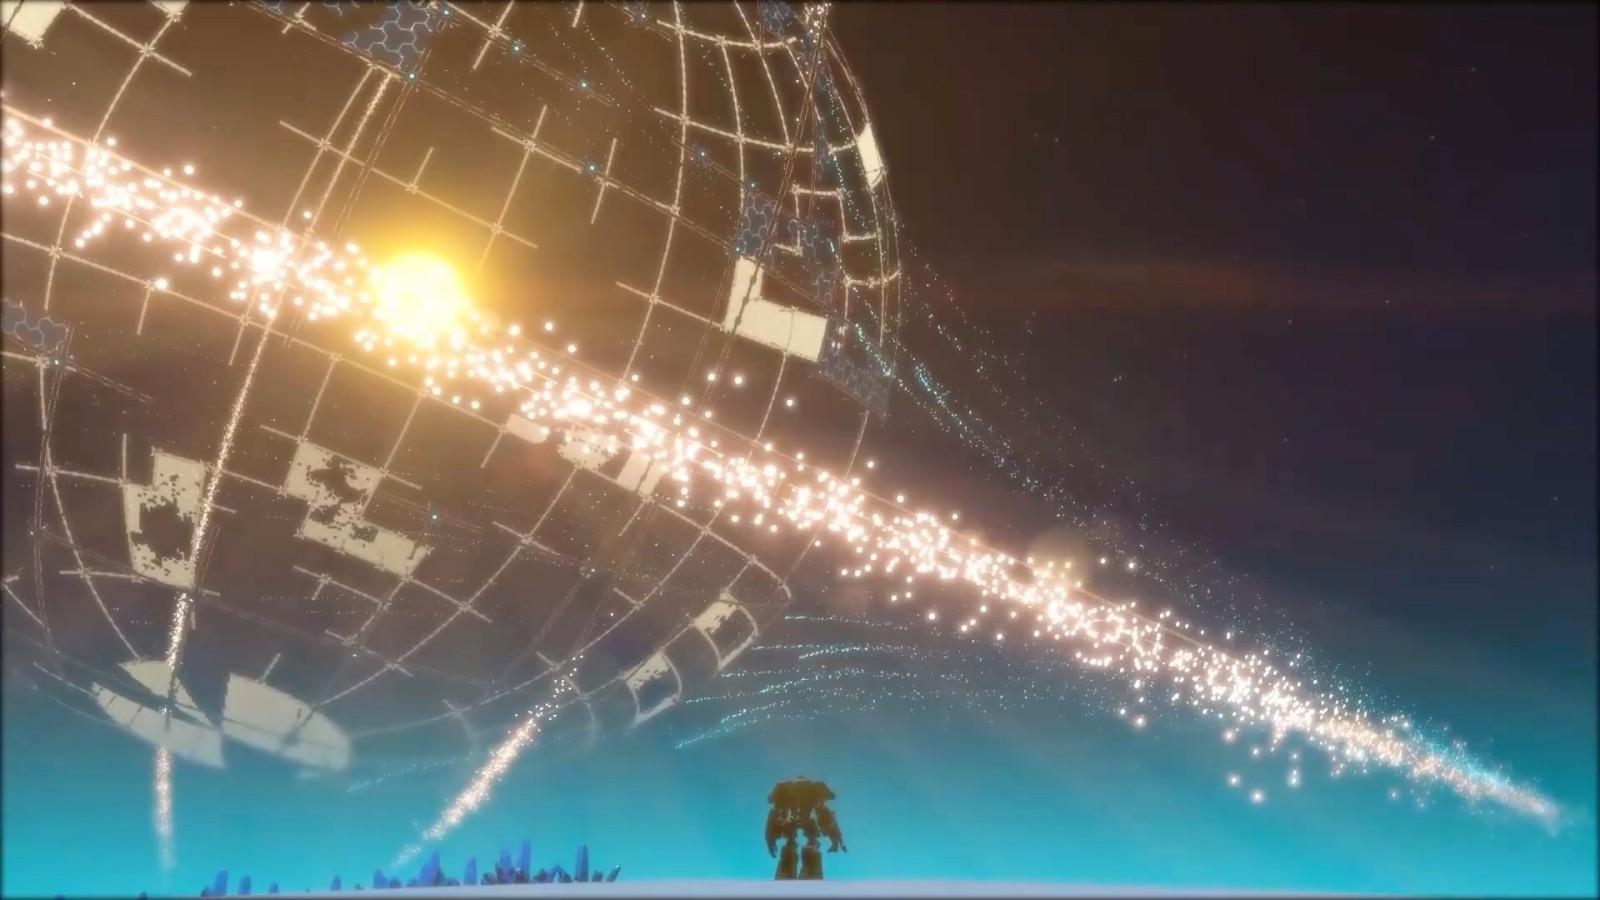 Gamera Game三周年发布会 《戴森球计划》后续计划公开